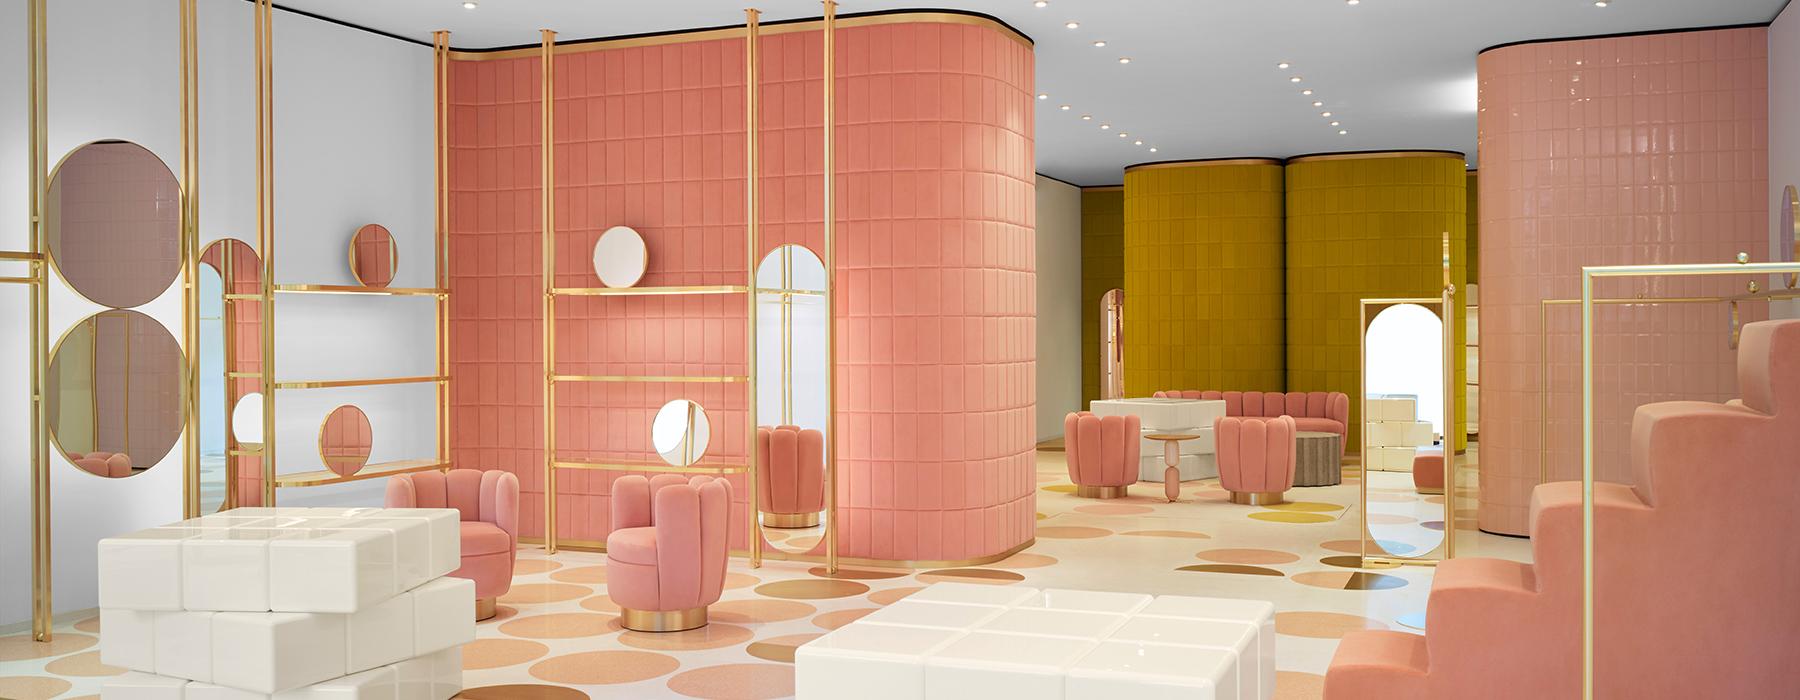 India Mahdavi S Interior Design Is Pastel Velveteen